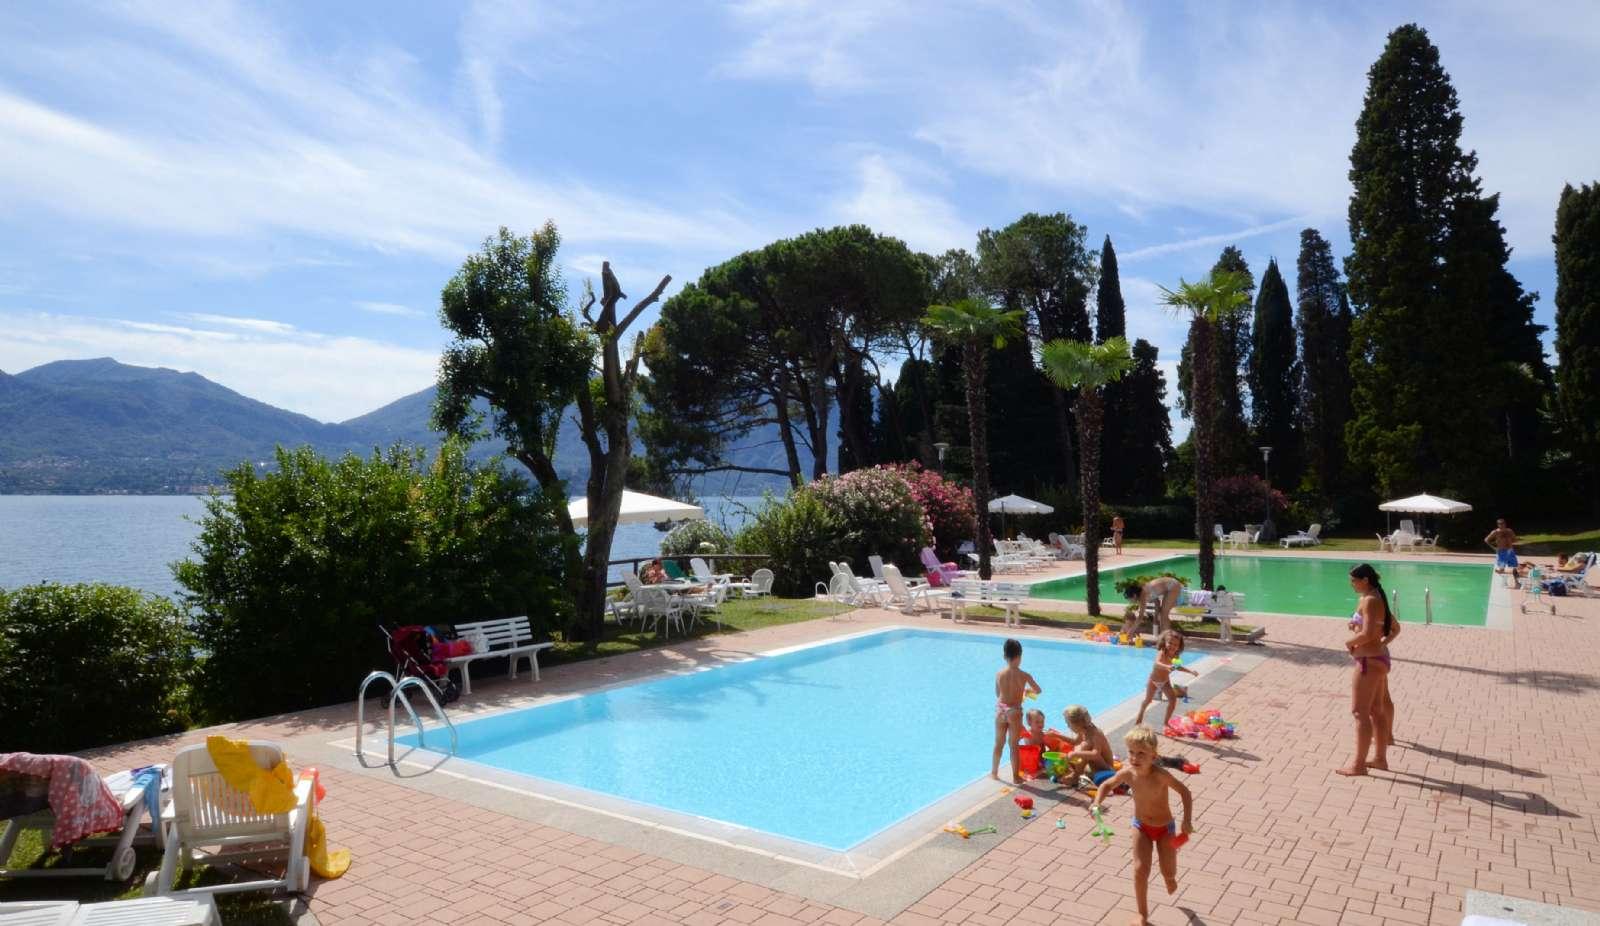 Parkanlage mit Swimmingpool für Groß und Klein, der mit den Nachbarn geteilt wird